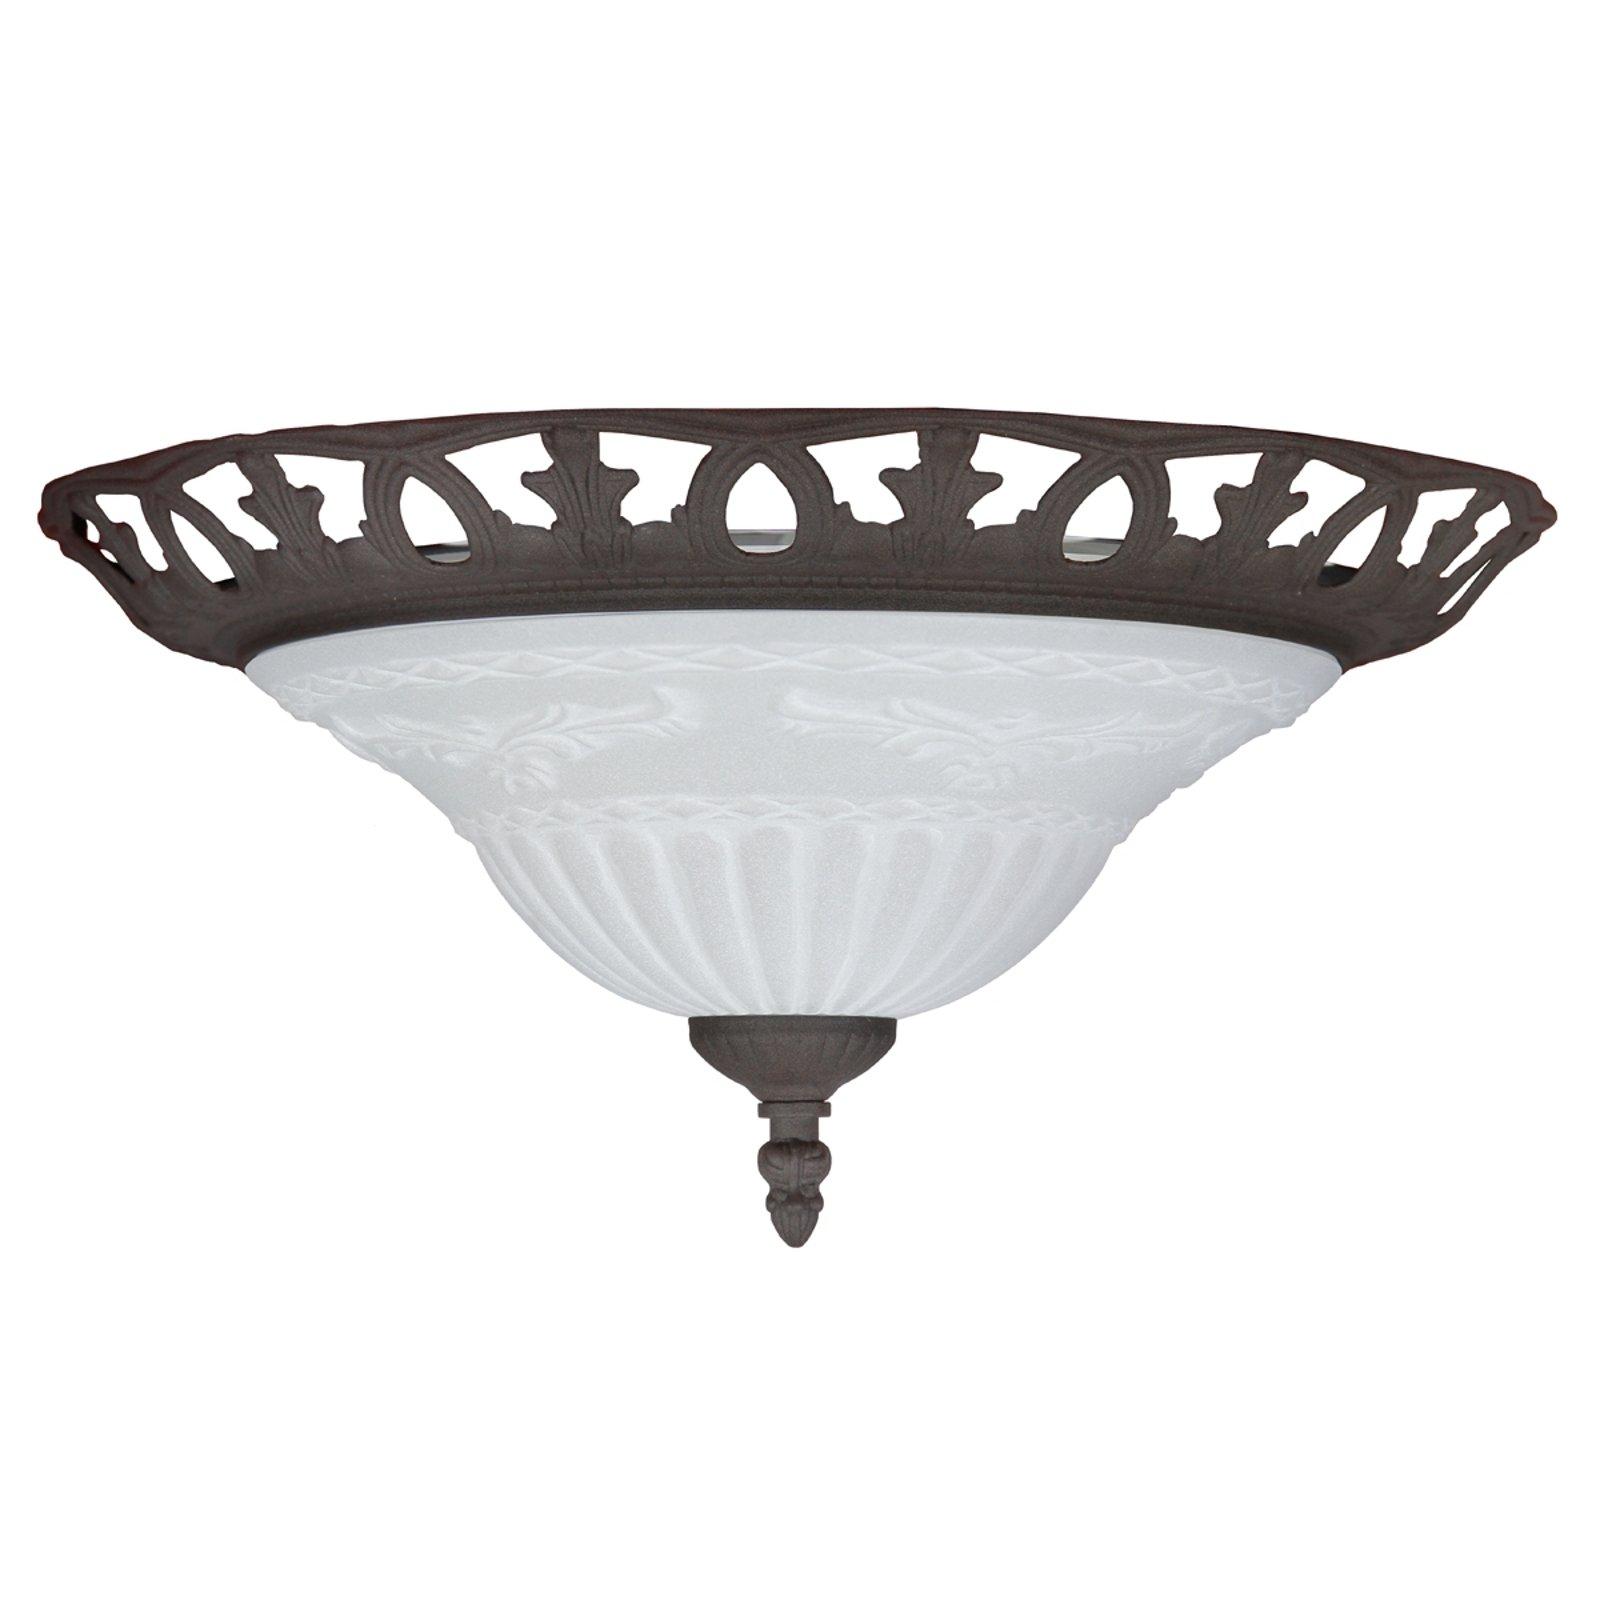 RUST taklampe i antikk design